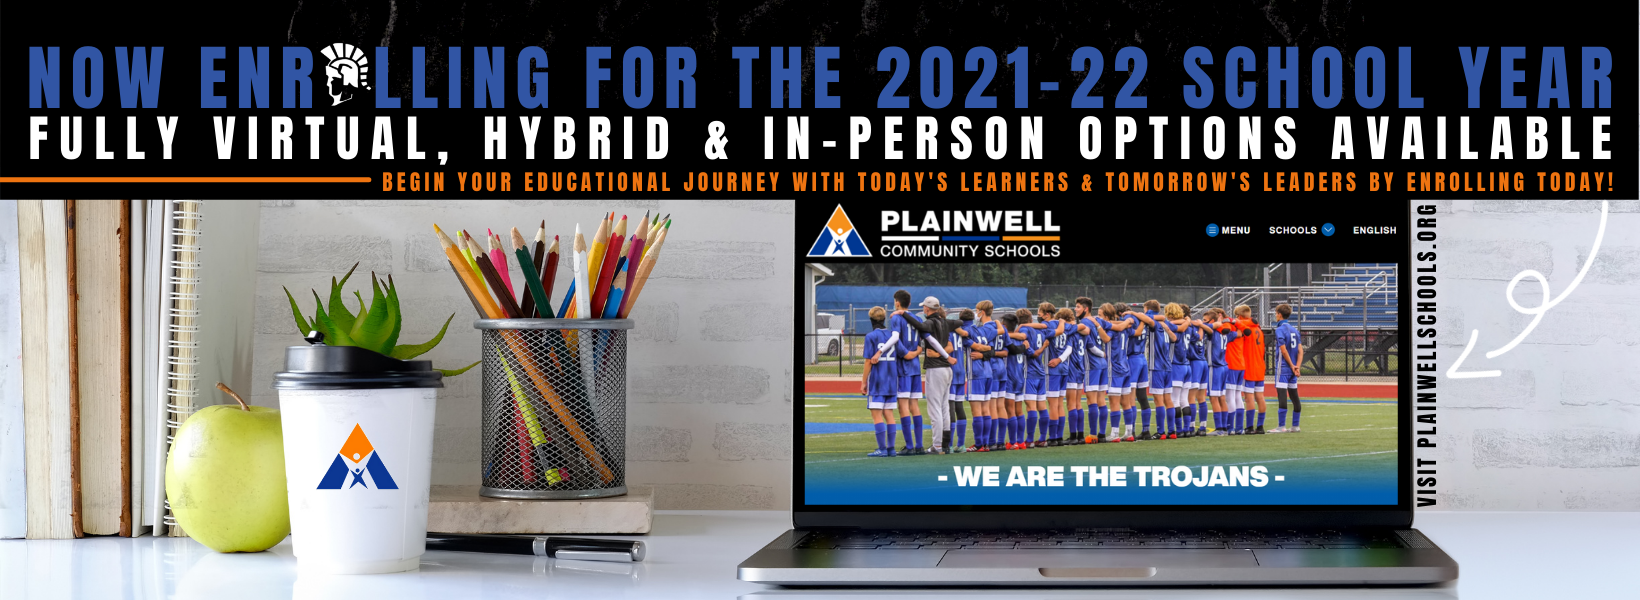 2021-22 Enrollment Website Banner